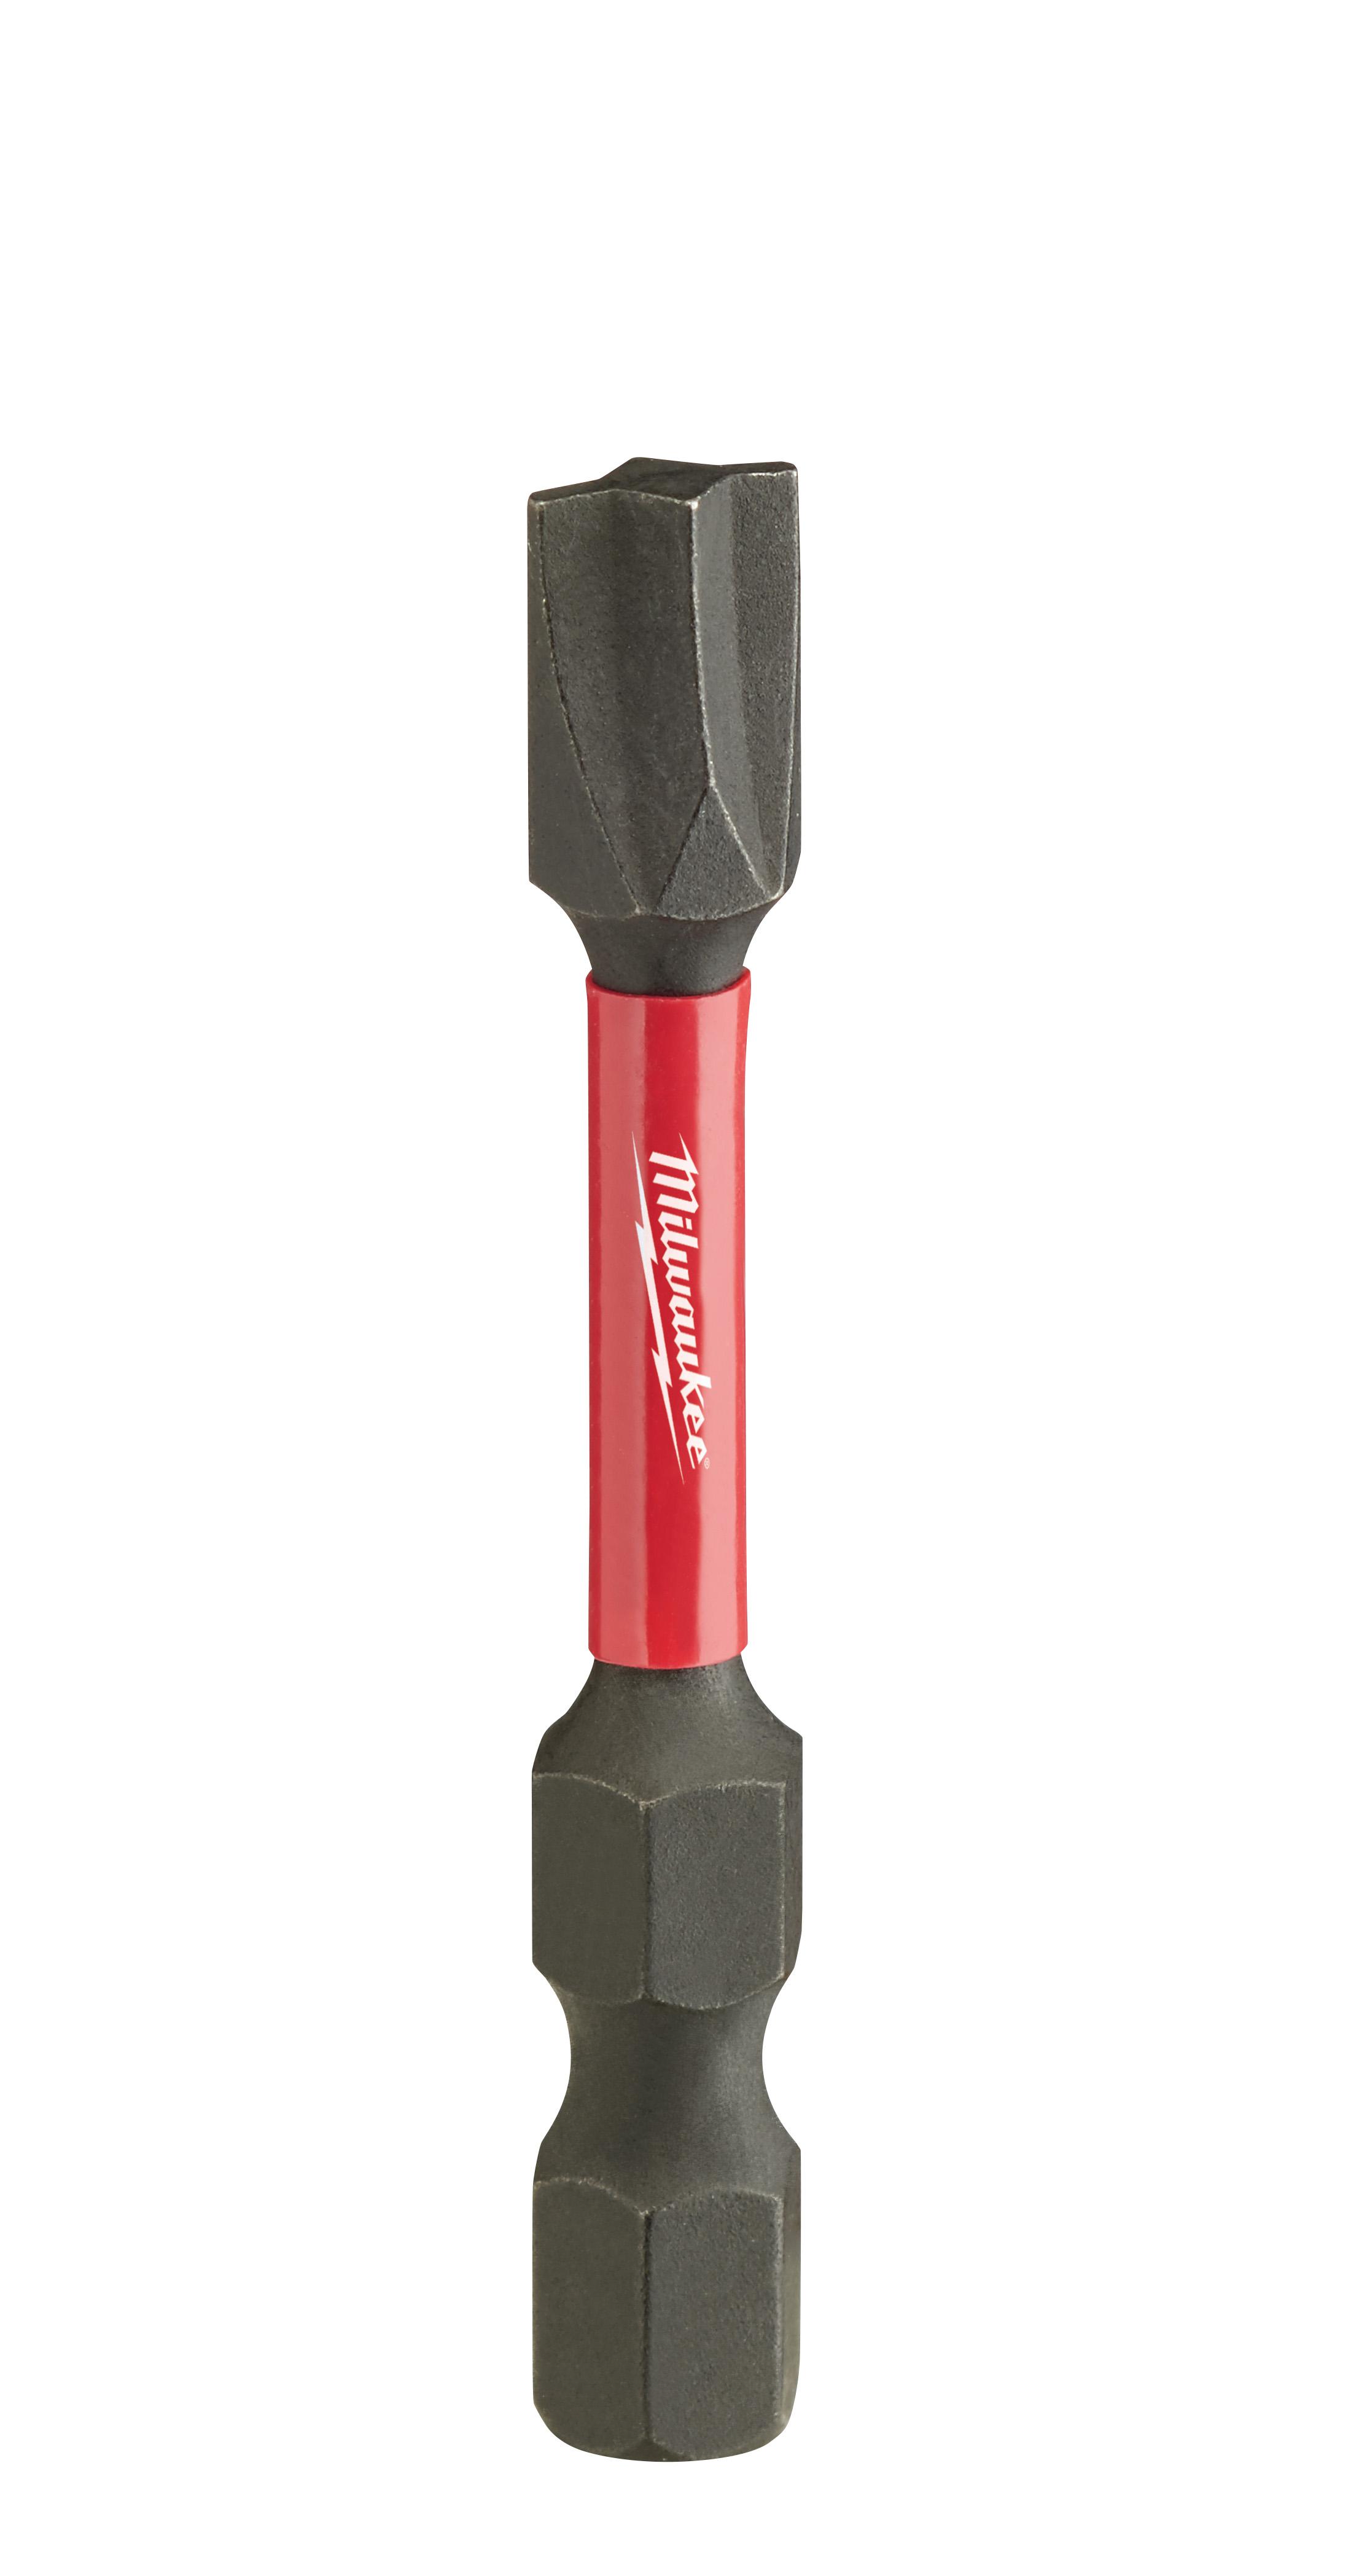 Milwaukee® SHOCKWAVE™ 48-32-4145 Impact Power Bit, #2 ECX™ Point, 2 in OAL, 1/4 in, Custom Alloy76™ Steel